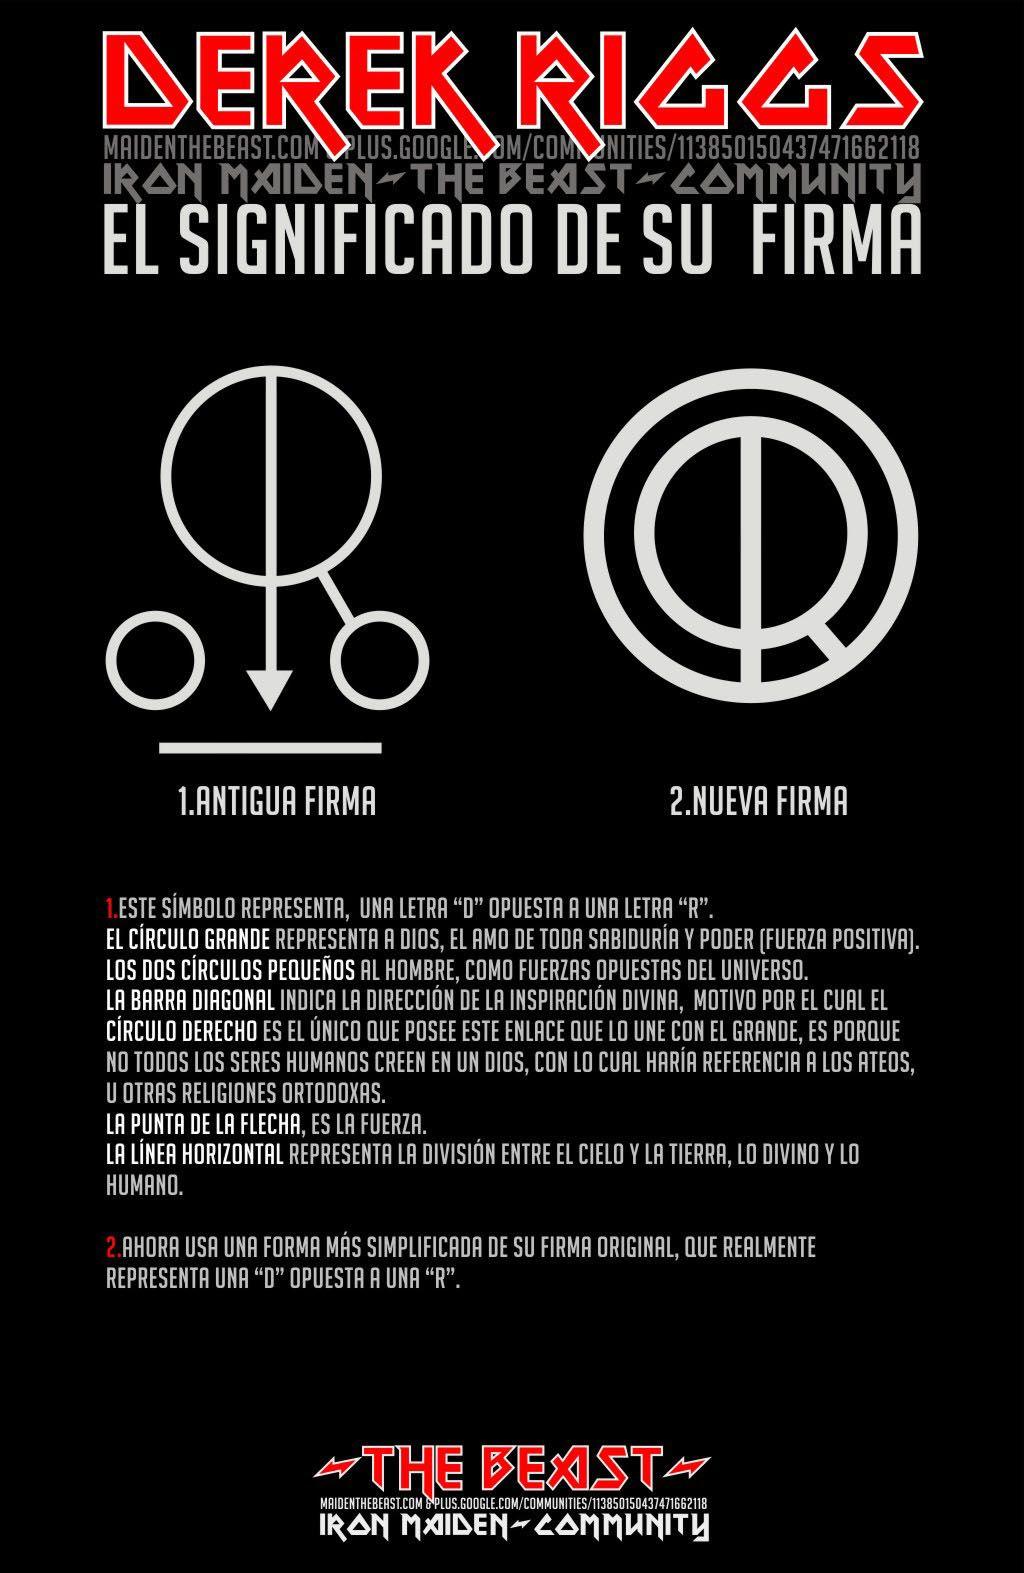 La Firma De Derek Riggs Movimiento Punk Portsmouth Letra D